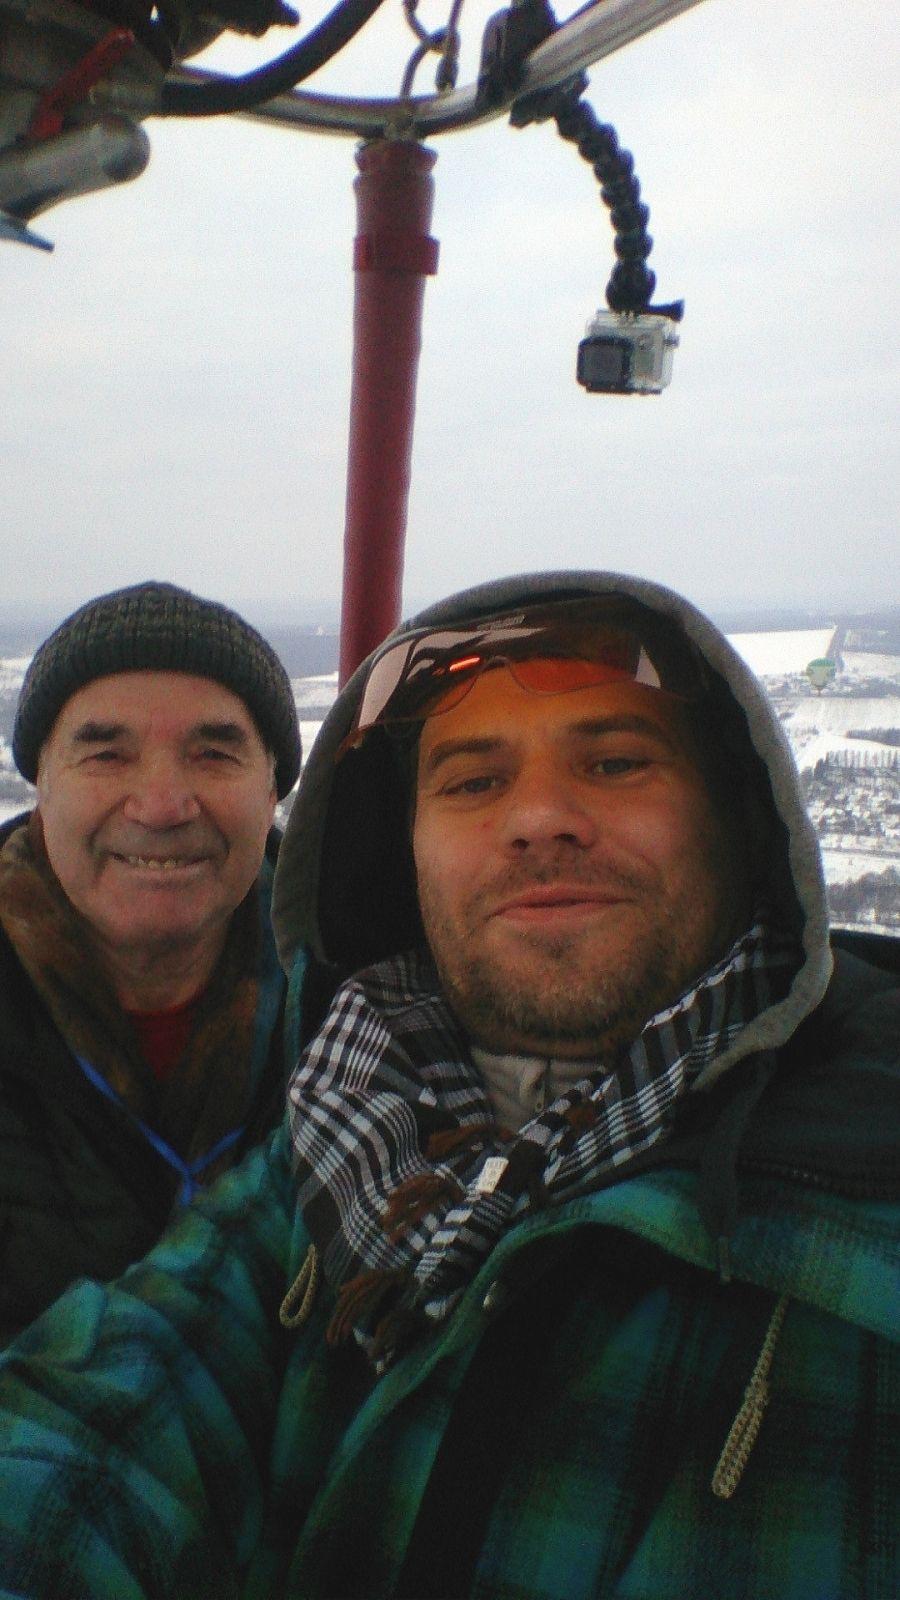 Михаил Найдорф (слева) - старейший пилот возухоплавания в России. Ему 76 лет.